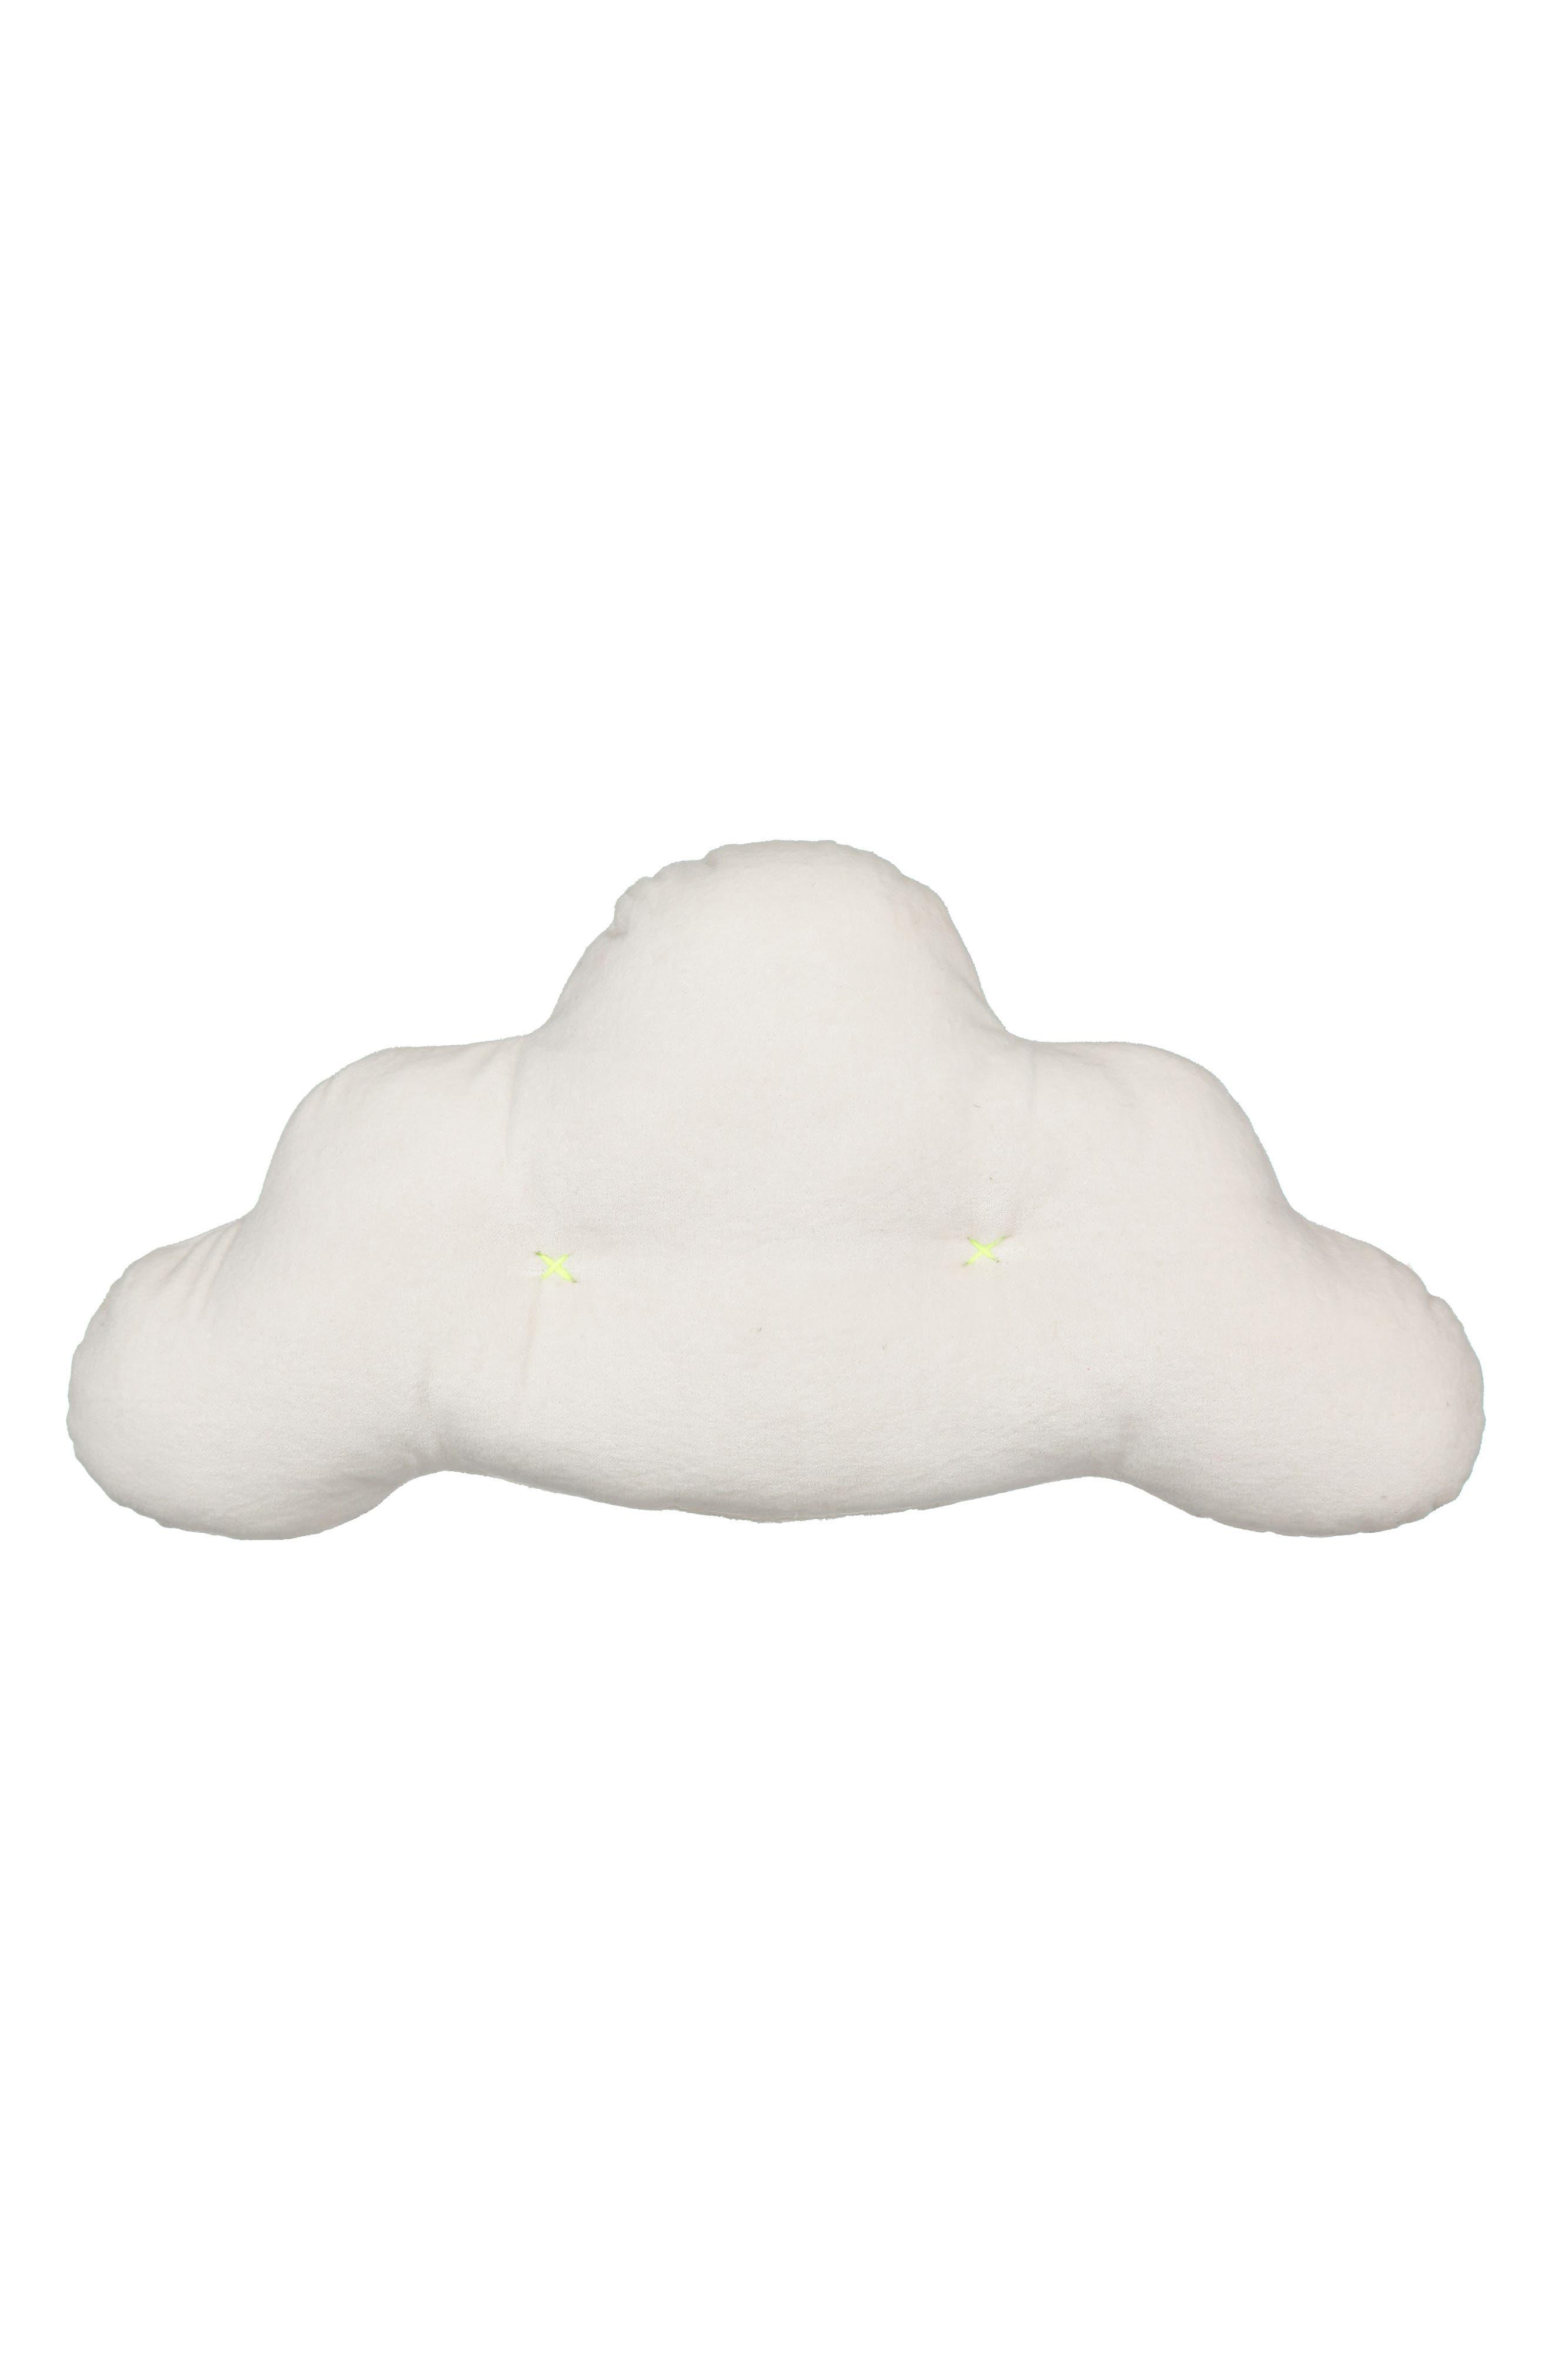 Meri Meri Velvet Cloud Pillow